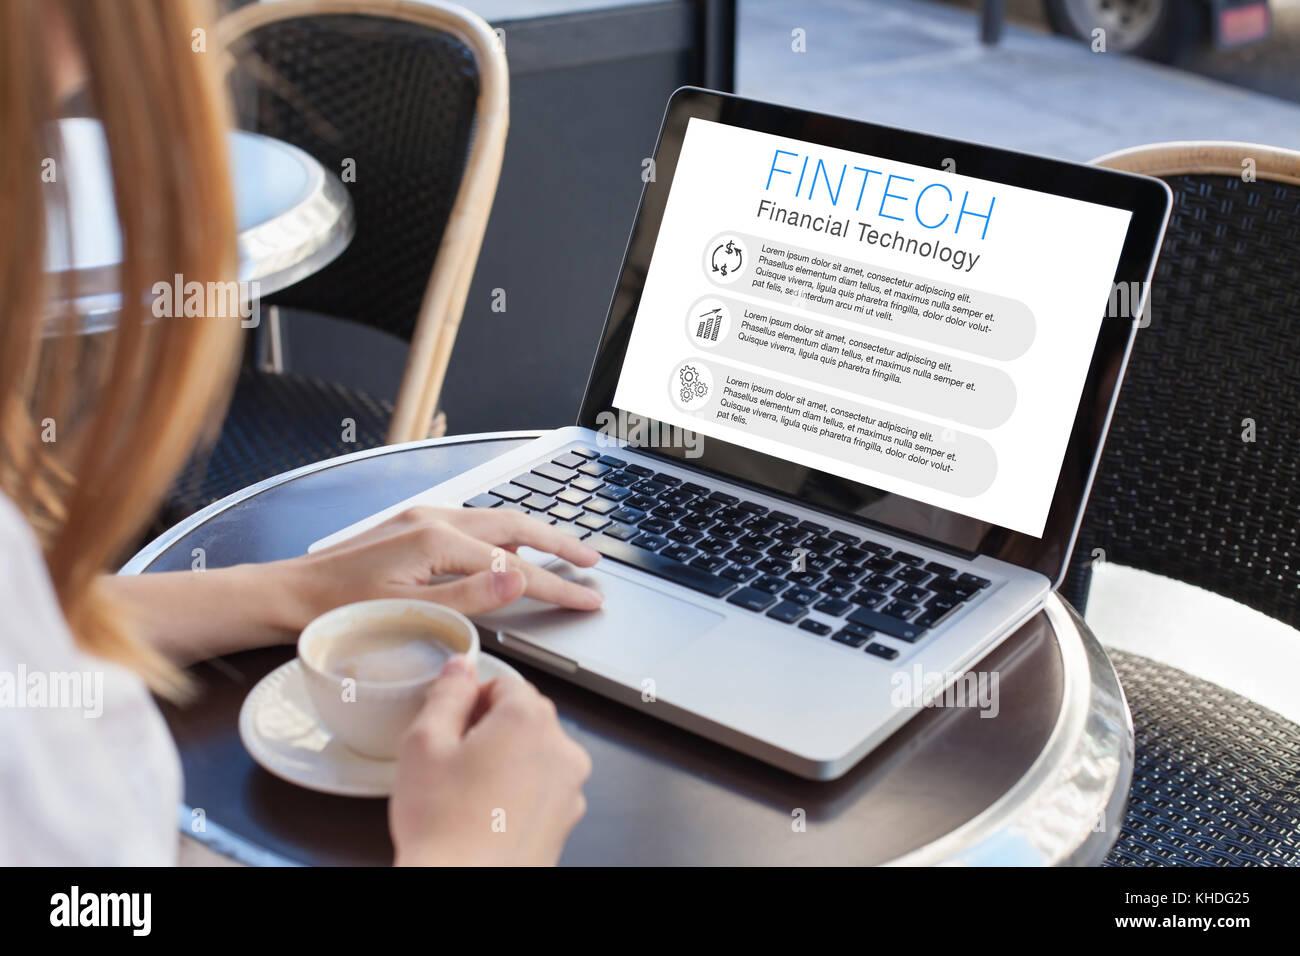 Fintech concept, femme lisant à propos de la technologie financière sur l'écran de l'ordinateur Photo Stock